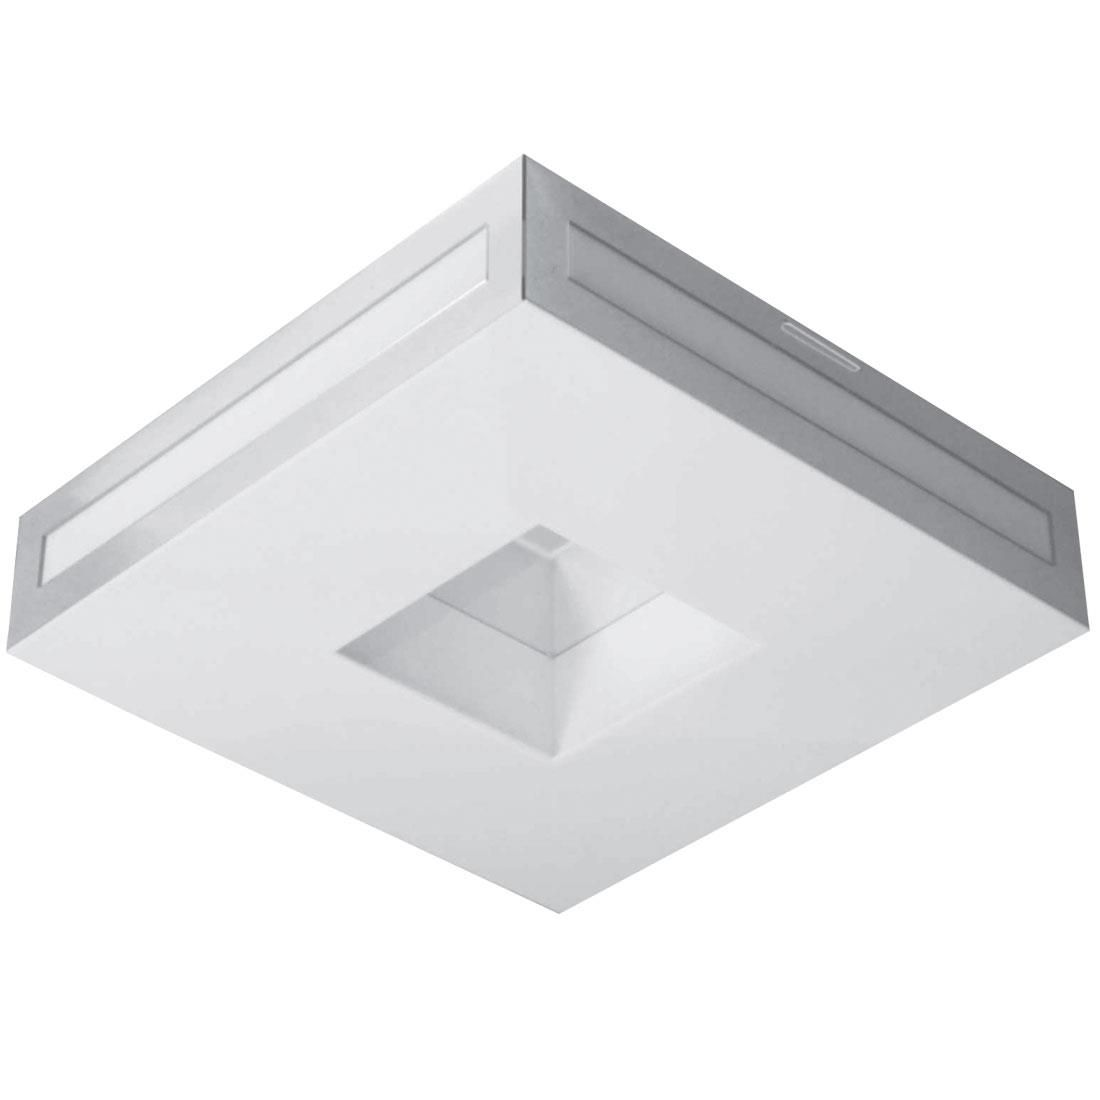 PLAFON LED ASTURIAS 36X36 25W - TUALUX